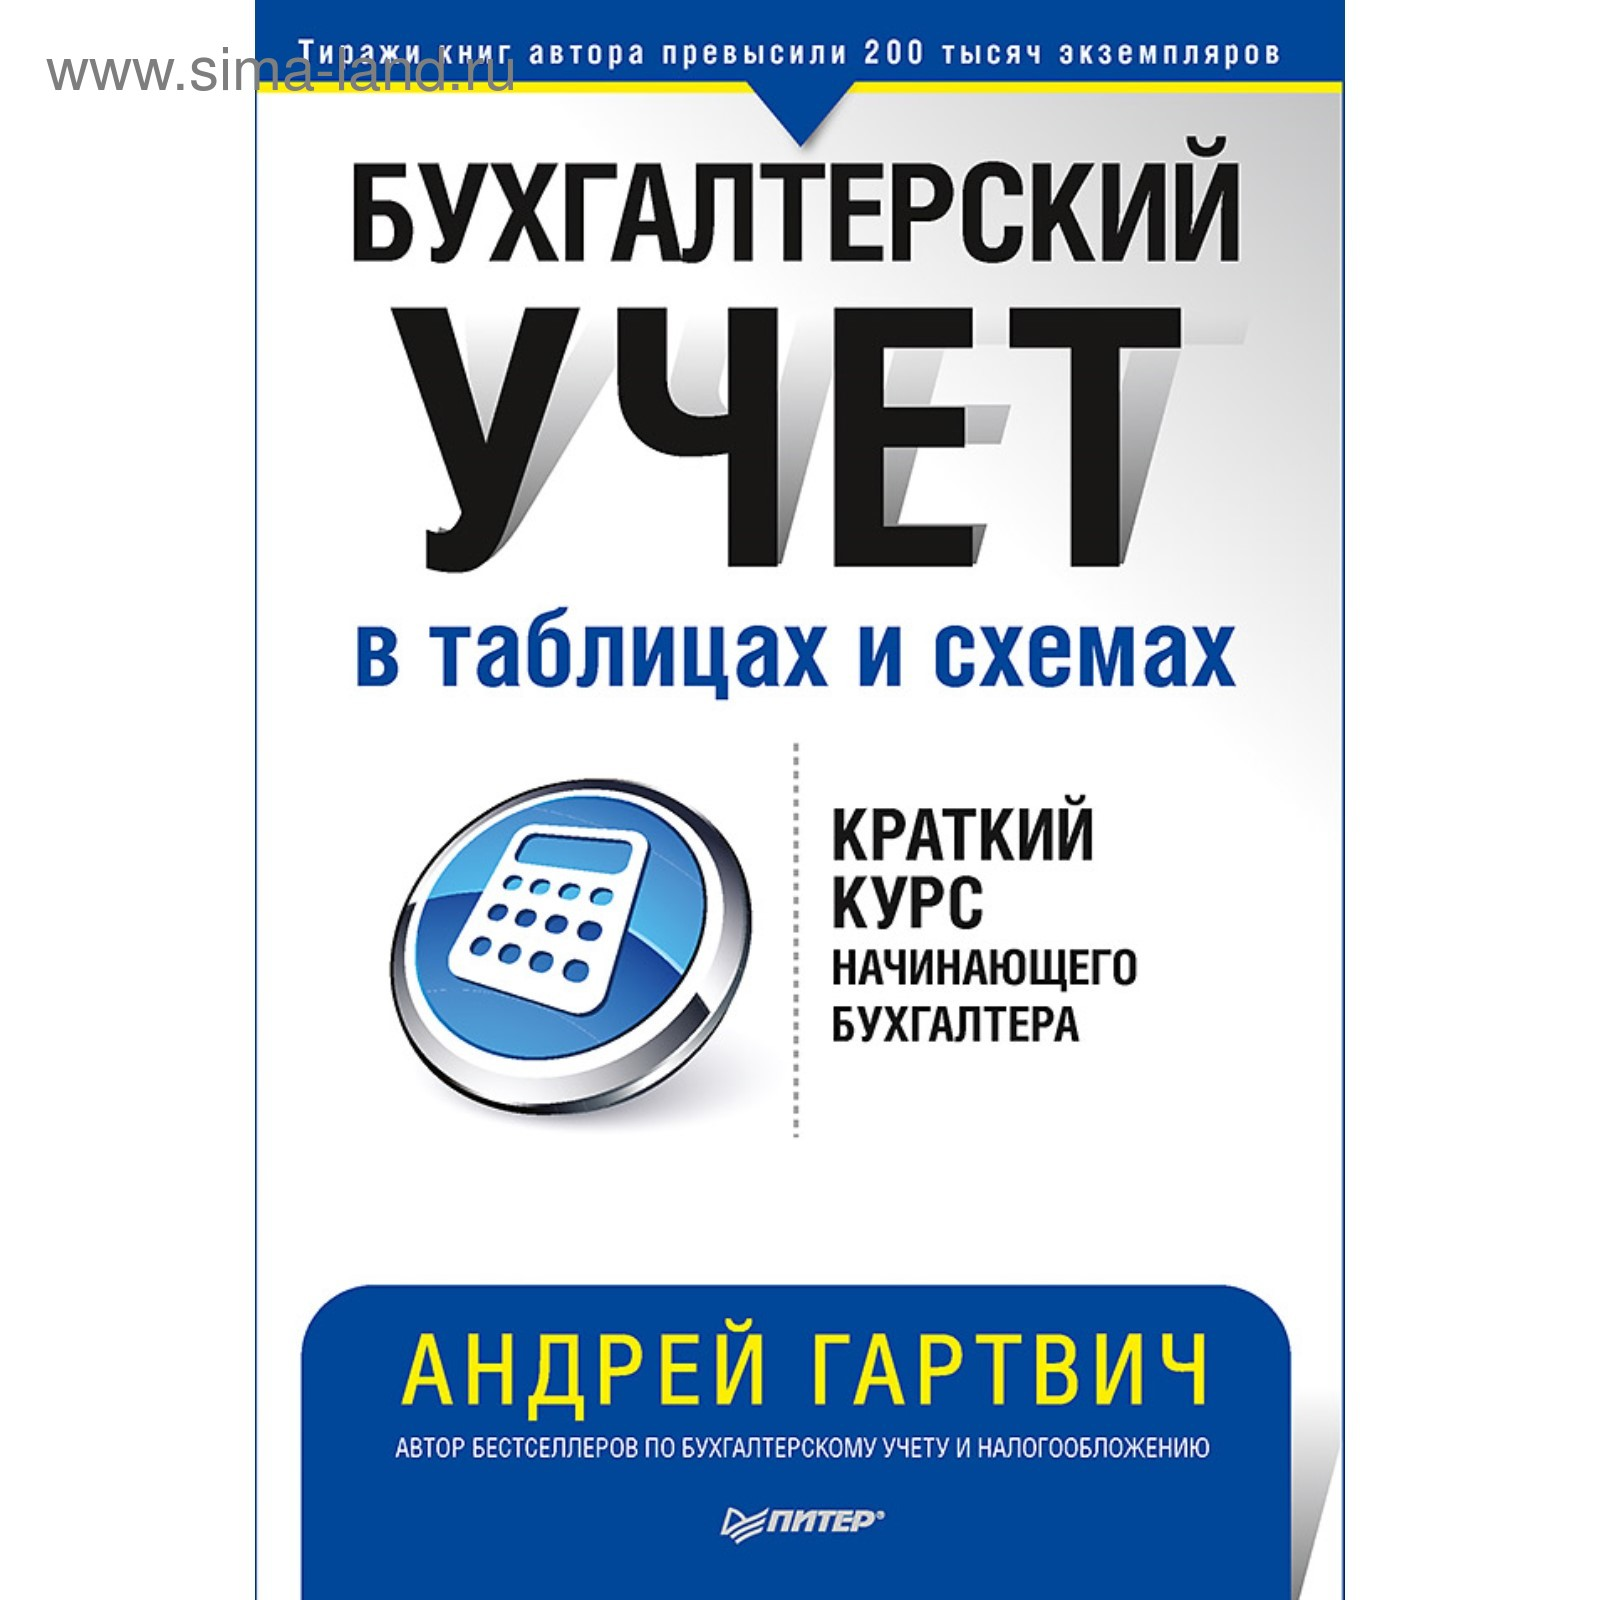 Книги по бухгалтерии интернет магазина как подать декларацию 3 ндфл в ифнс